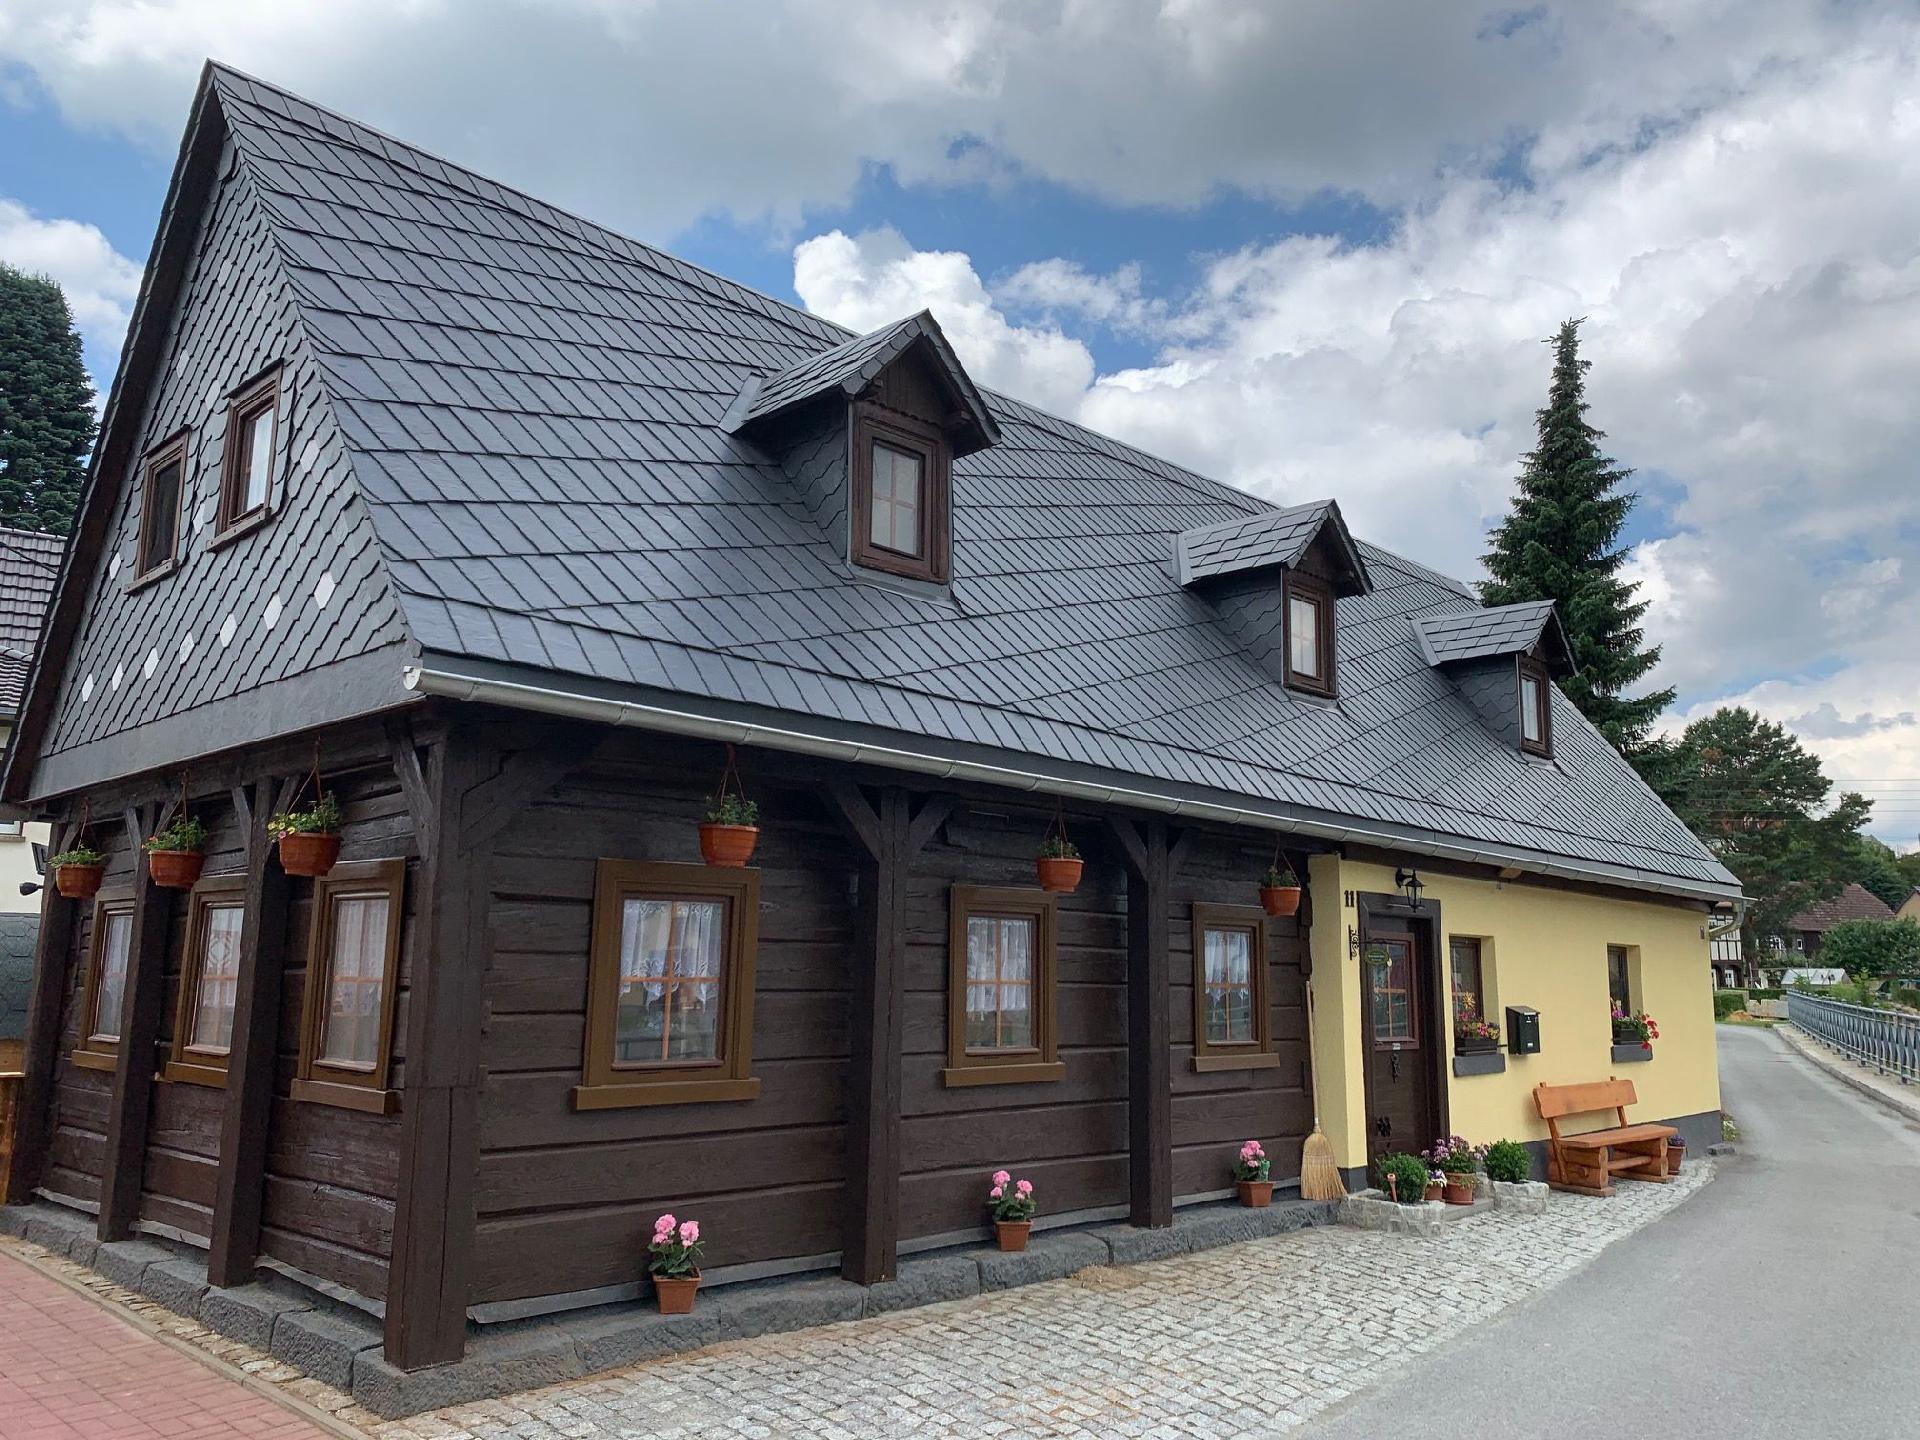 Ferienhaus für 5 Personen ca. 90 m² in G  in Sachsen